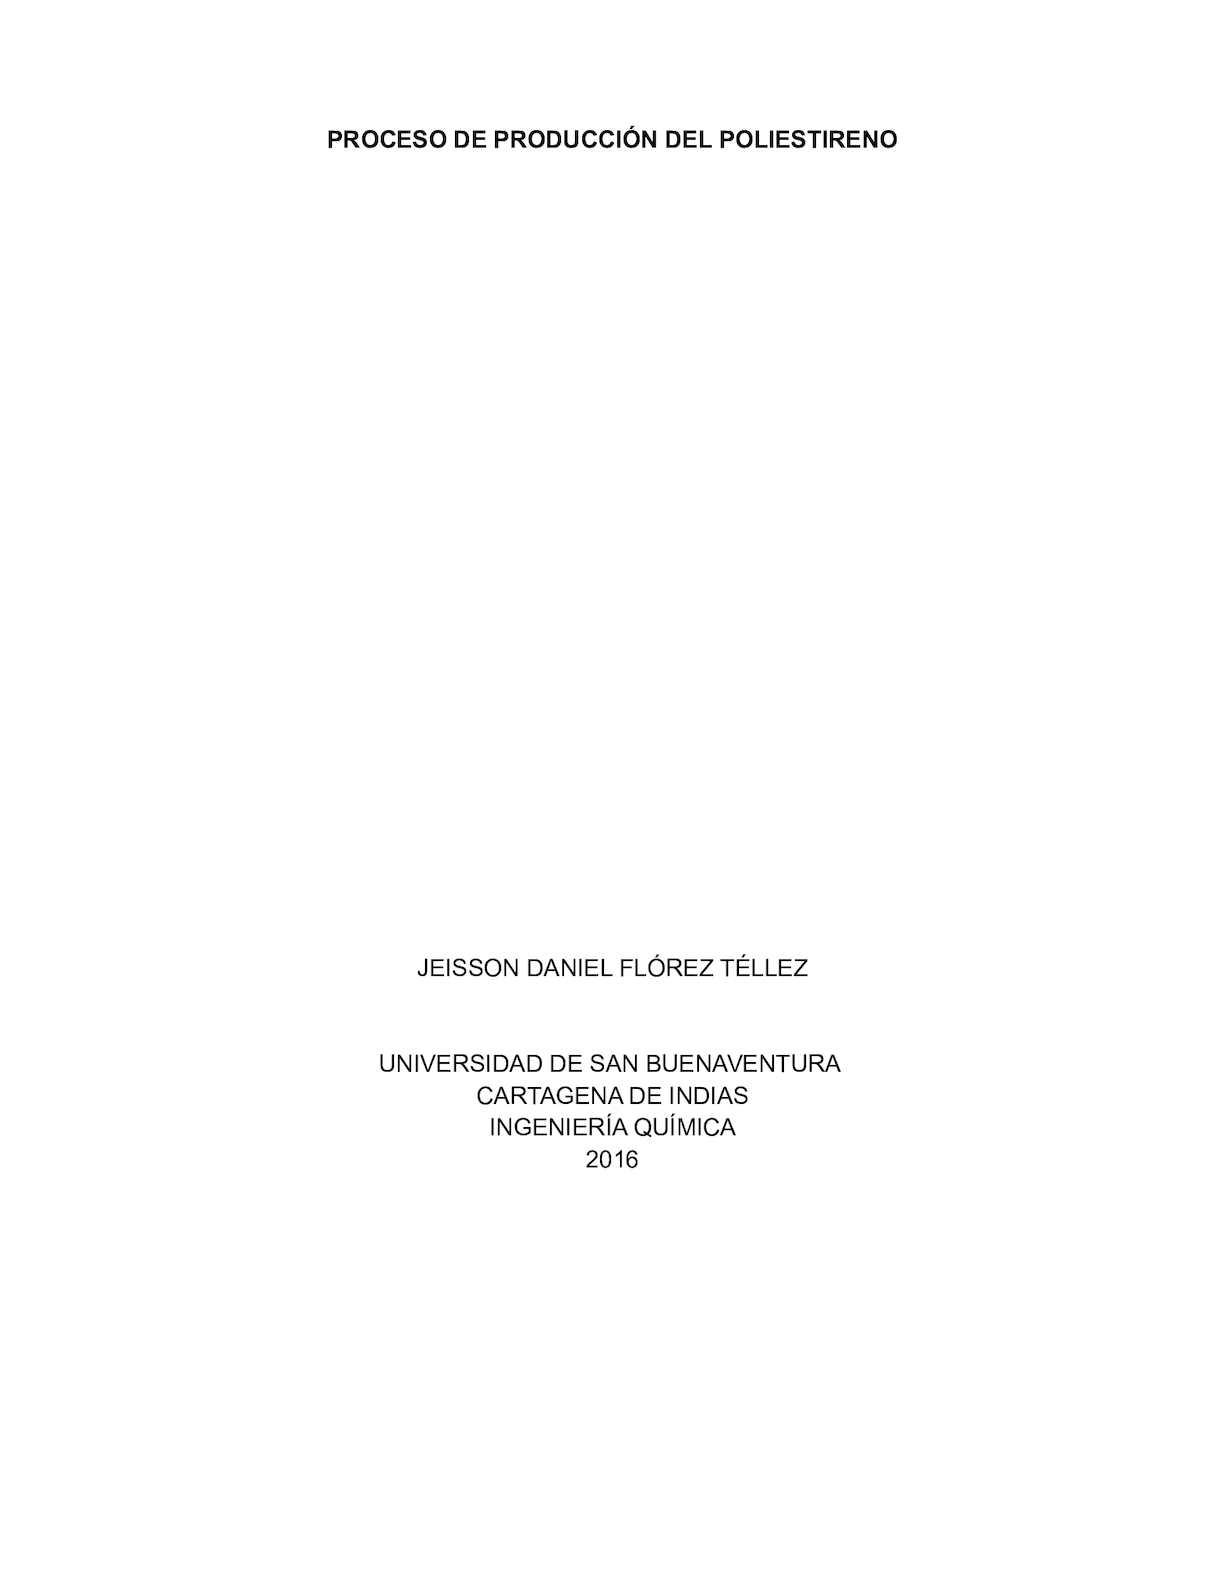 Proceso De Producción Del Poliestireno